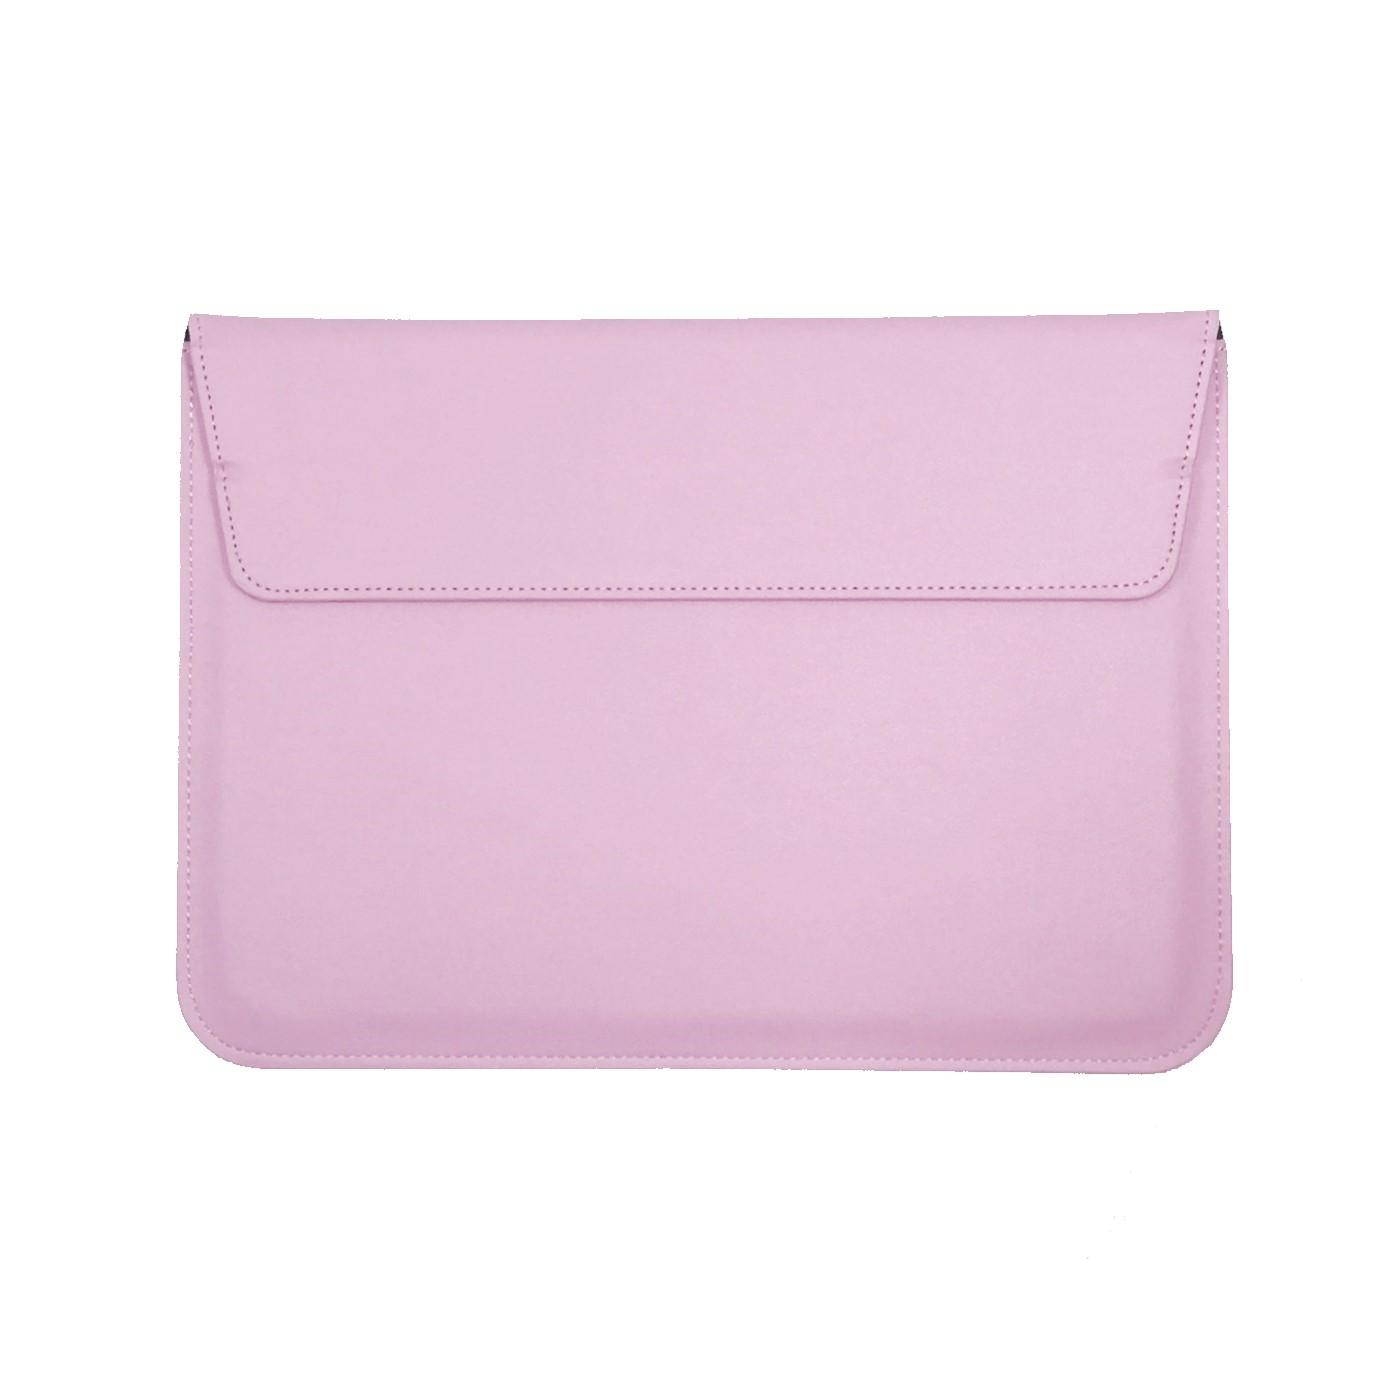 삼성 갤럭시북 / 플렉스 이온 S / LG 그램 / 맥북 호환 노트북 슬리브 파우치, 핑크